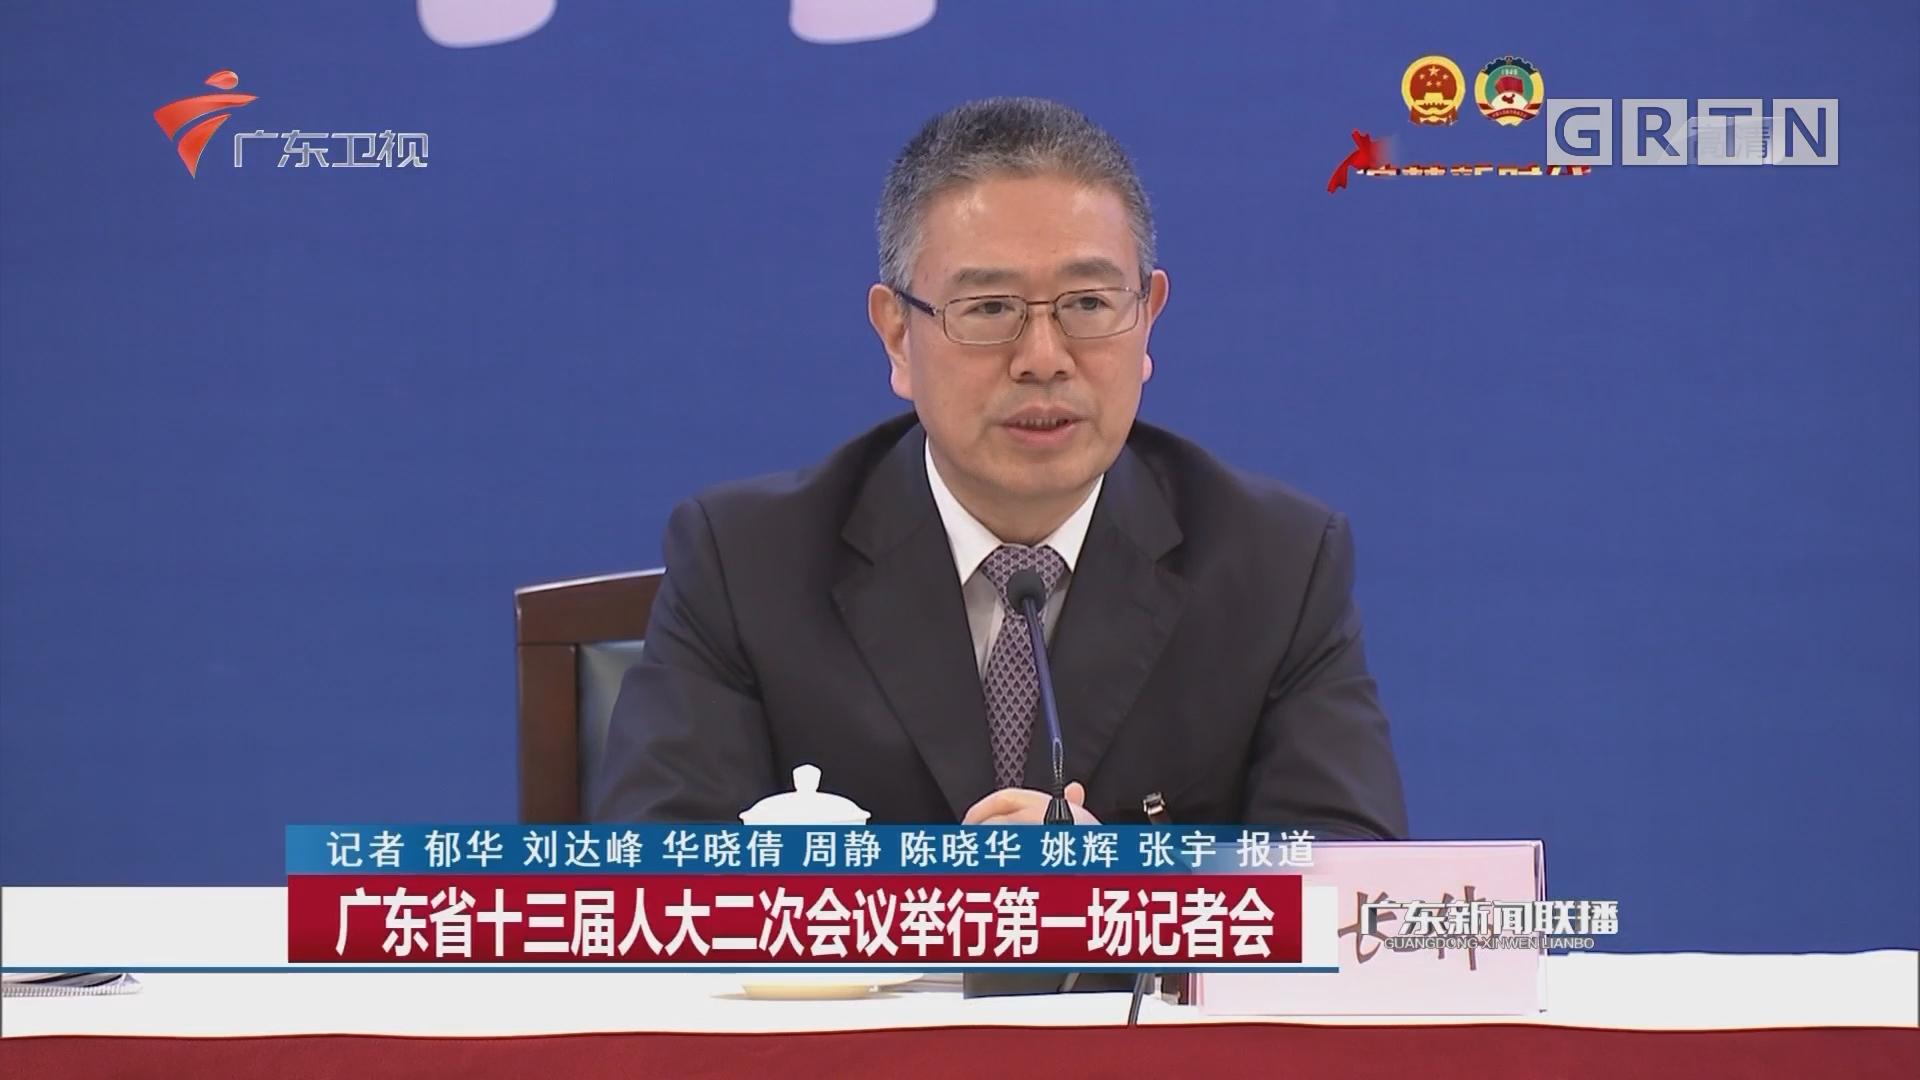 广东省十三届人大二次会议举行第一场记者会